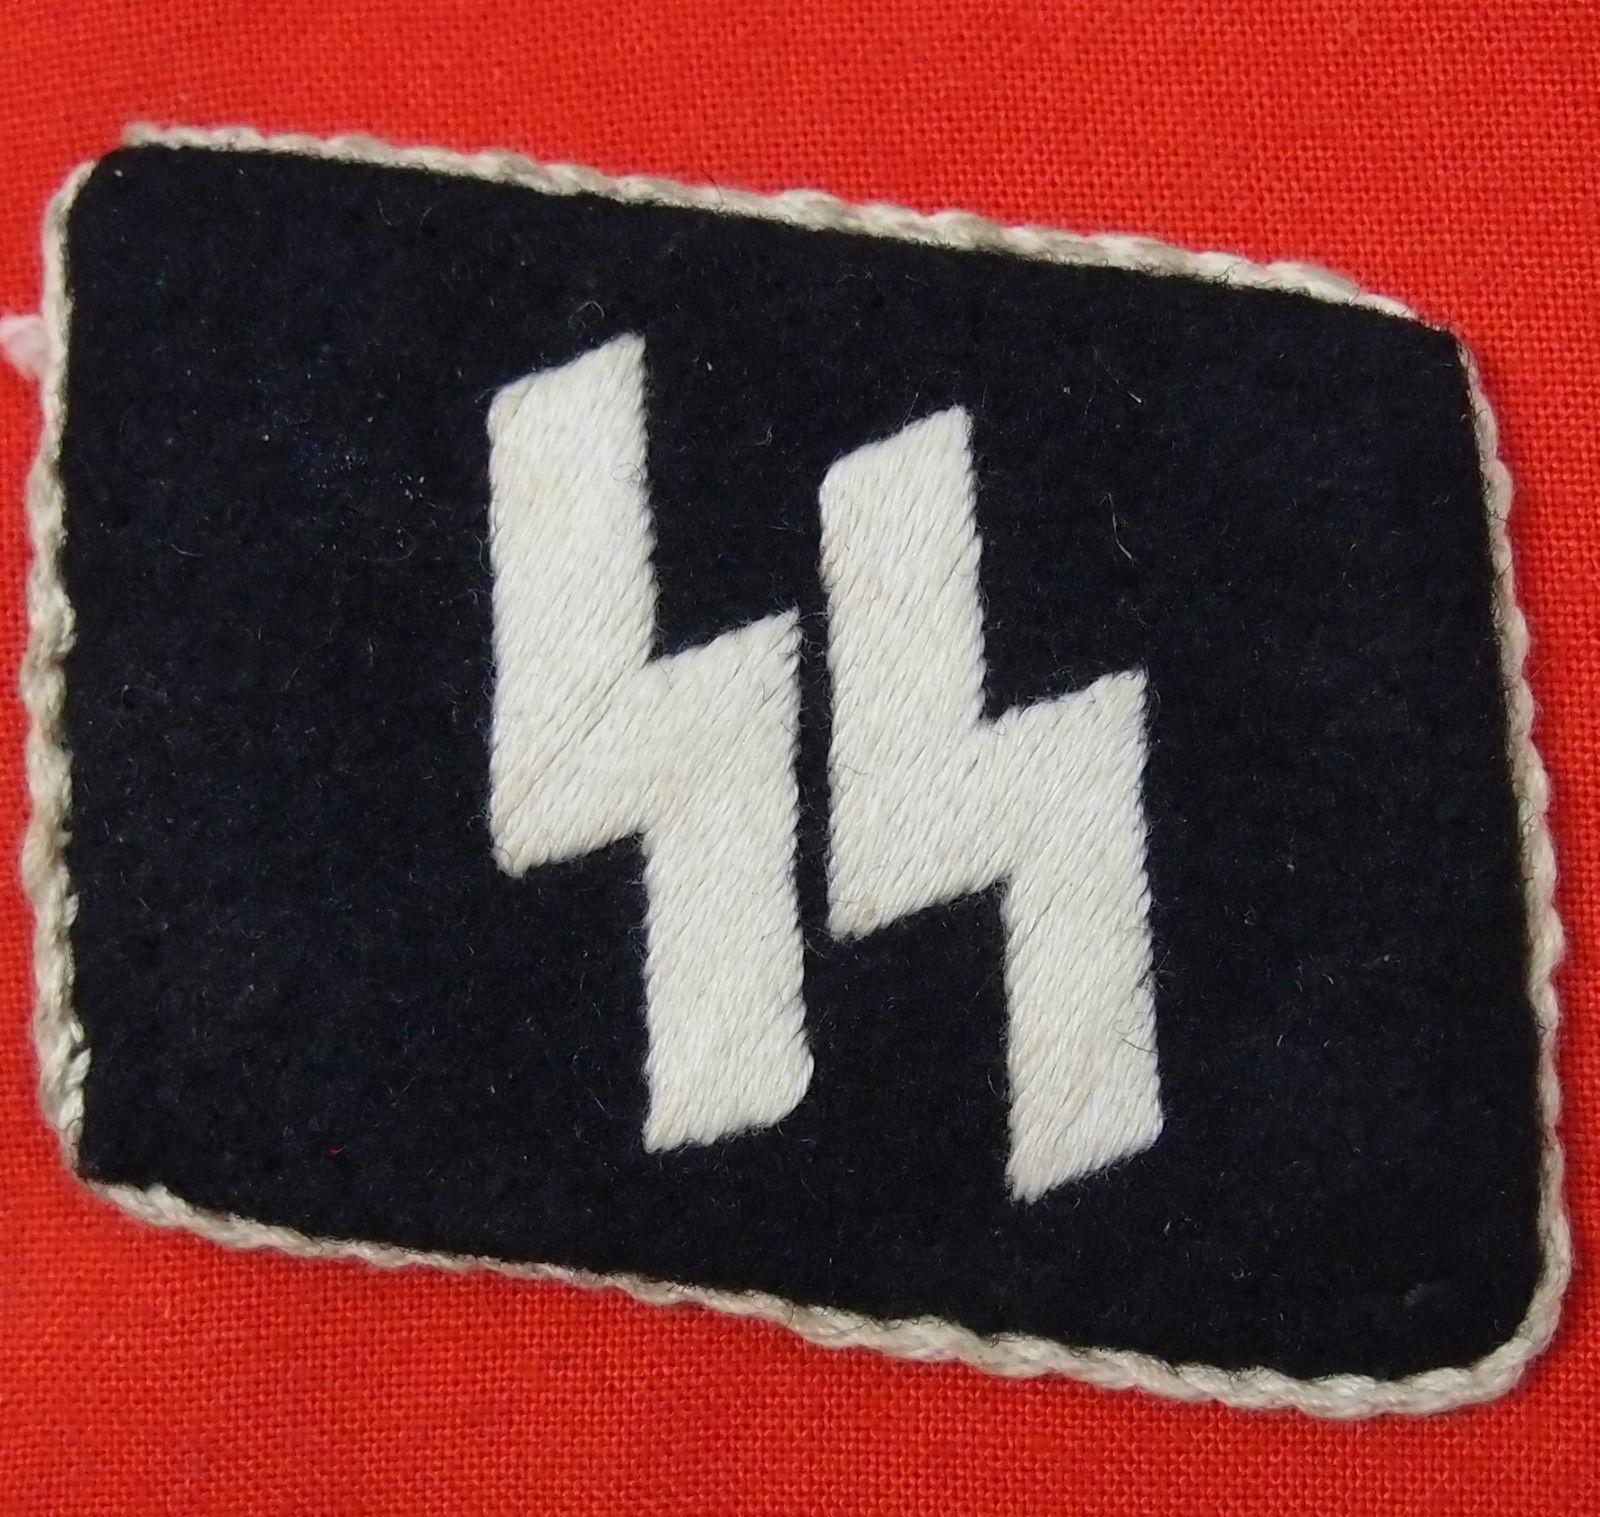 WW2 GERMAN SS UNIFORM COLLAR TAB